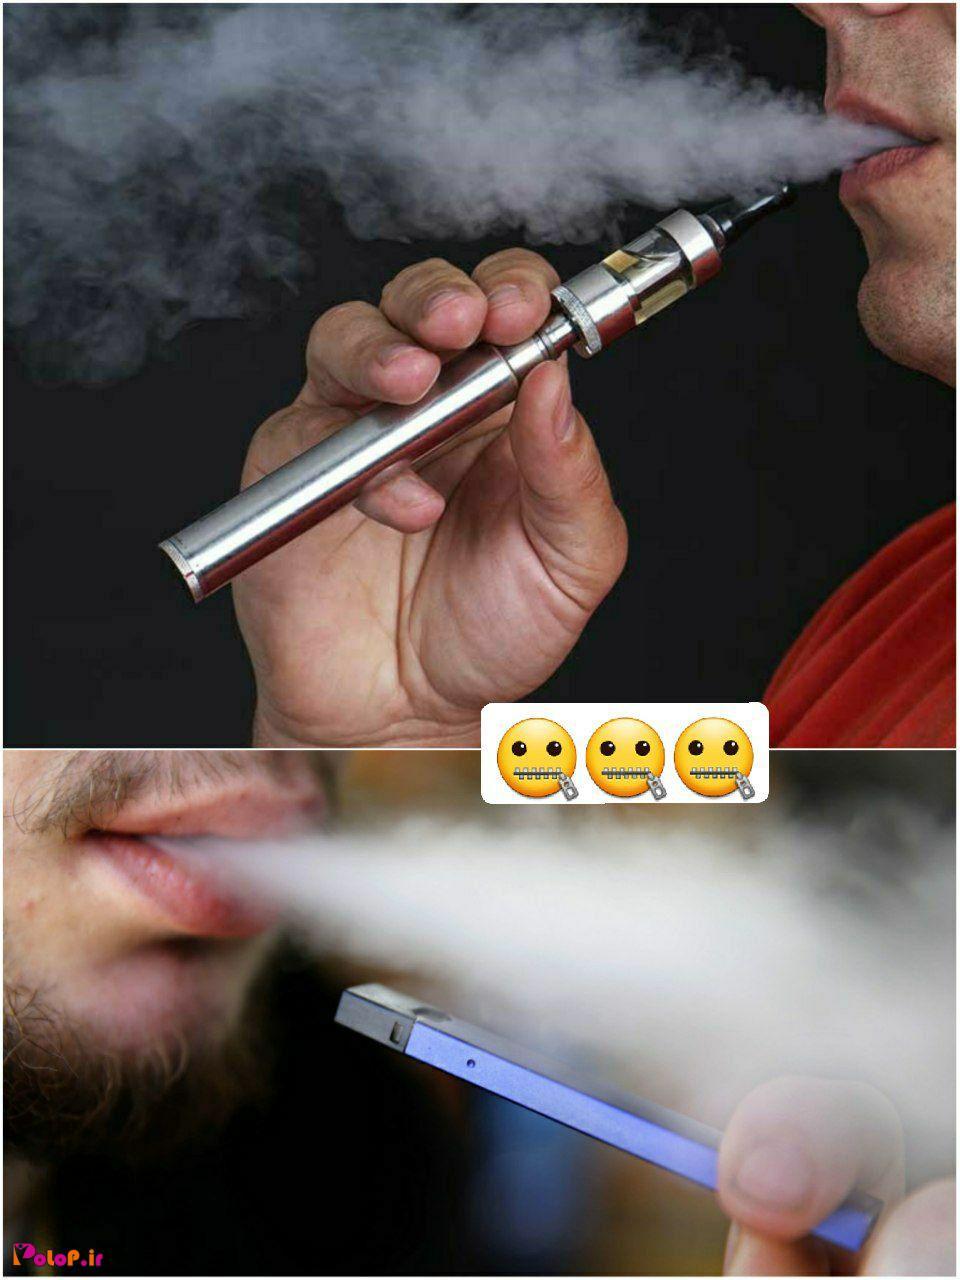 مصرف سیگارهای الکترونیکی به التهاب روده منجر میشود !!